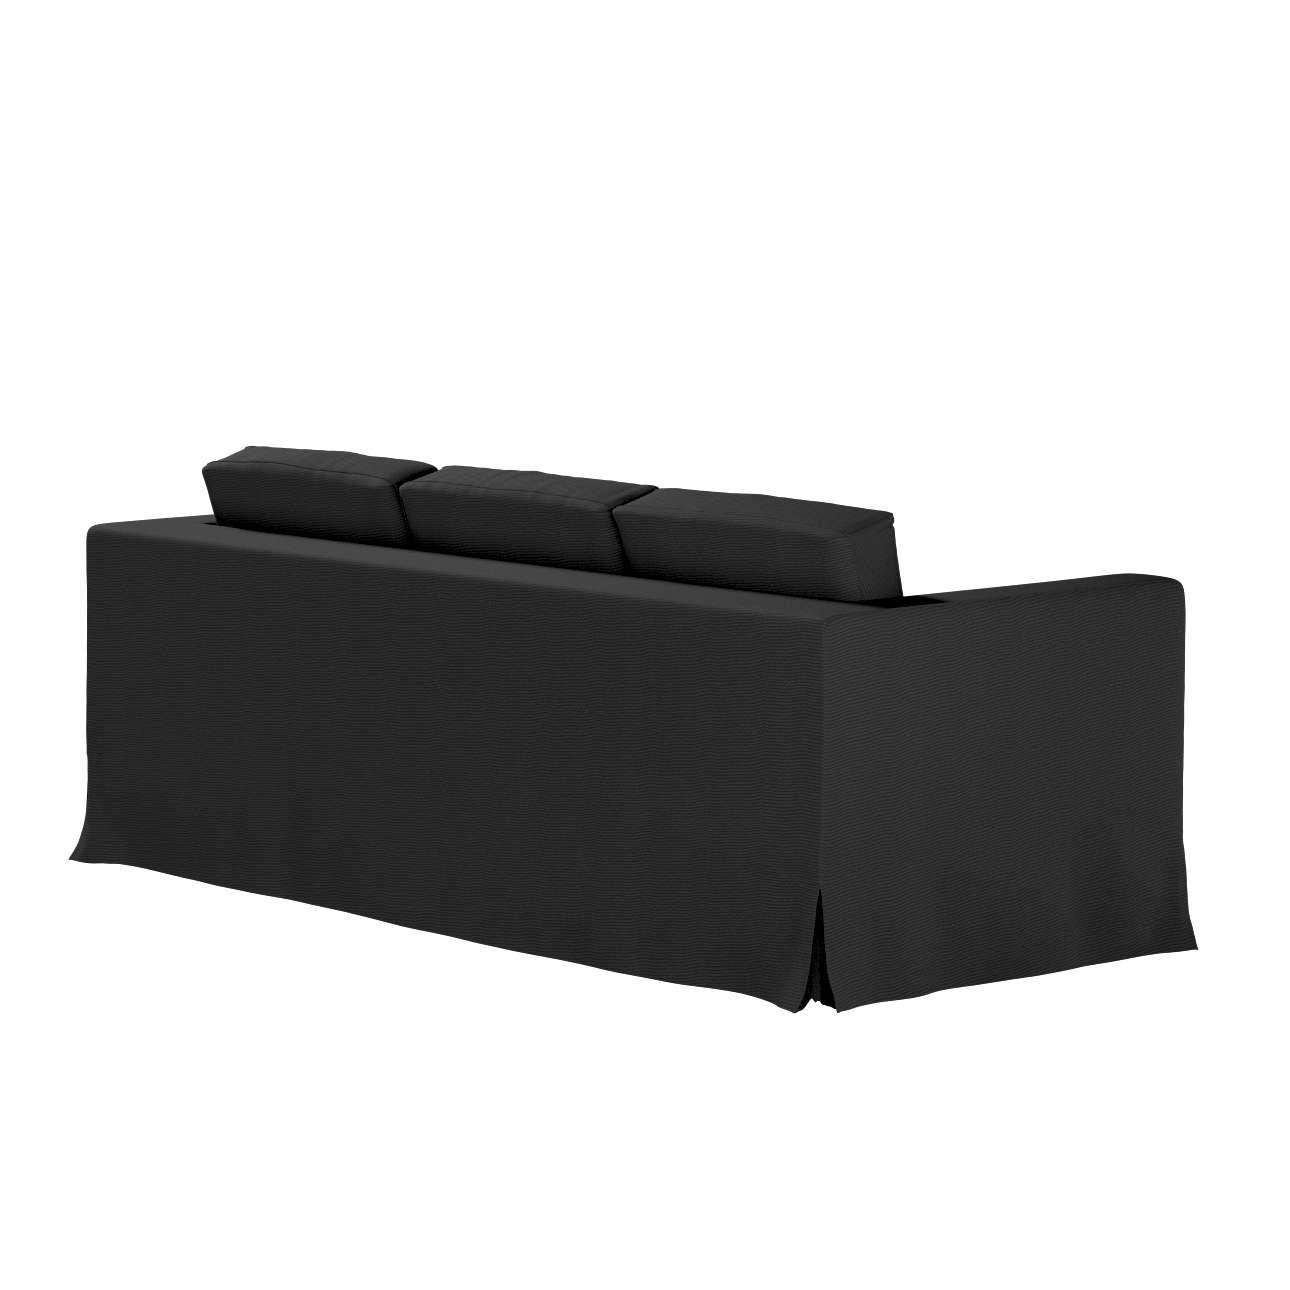 Pokrowiec na sofę Karlanda 3-osobową nierozkładaną, długi w kolekcji Etna, tkanina: 705-00